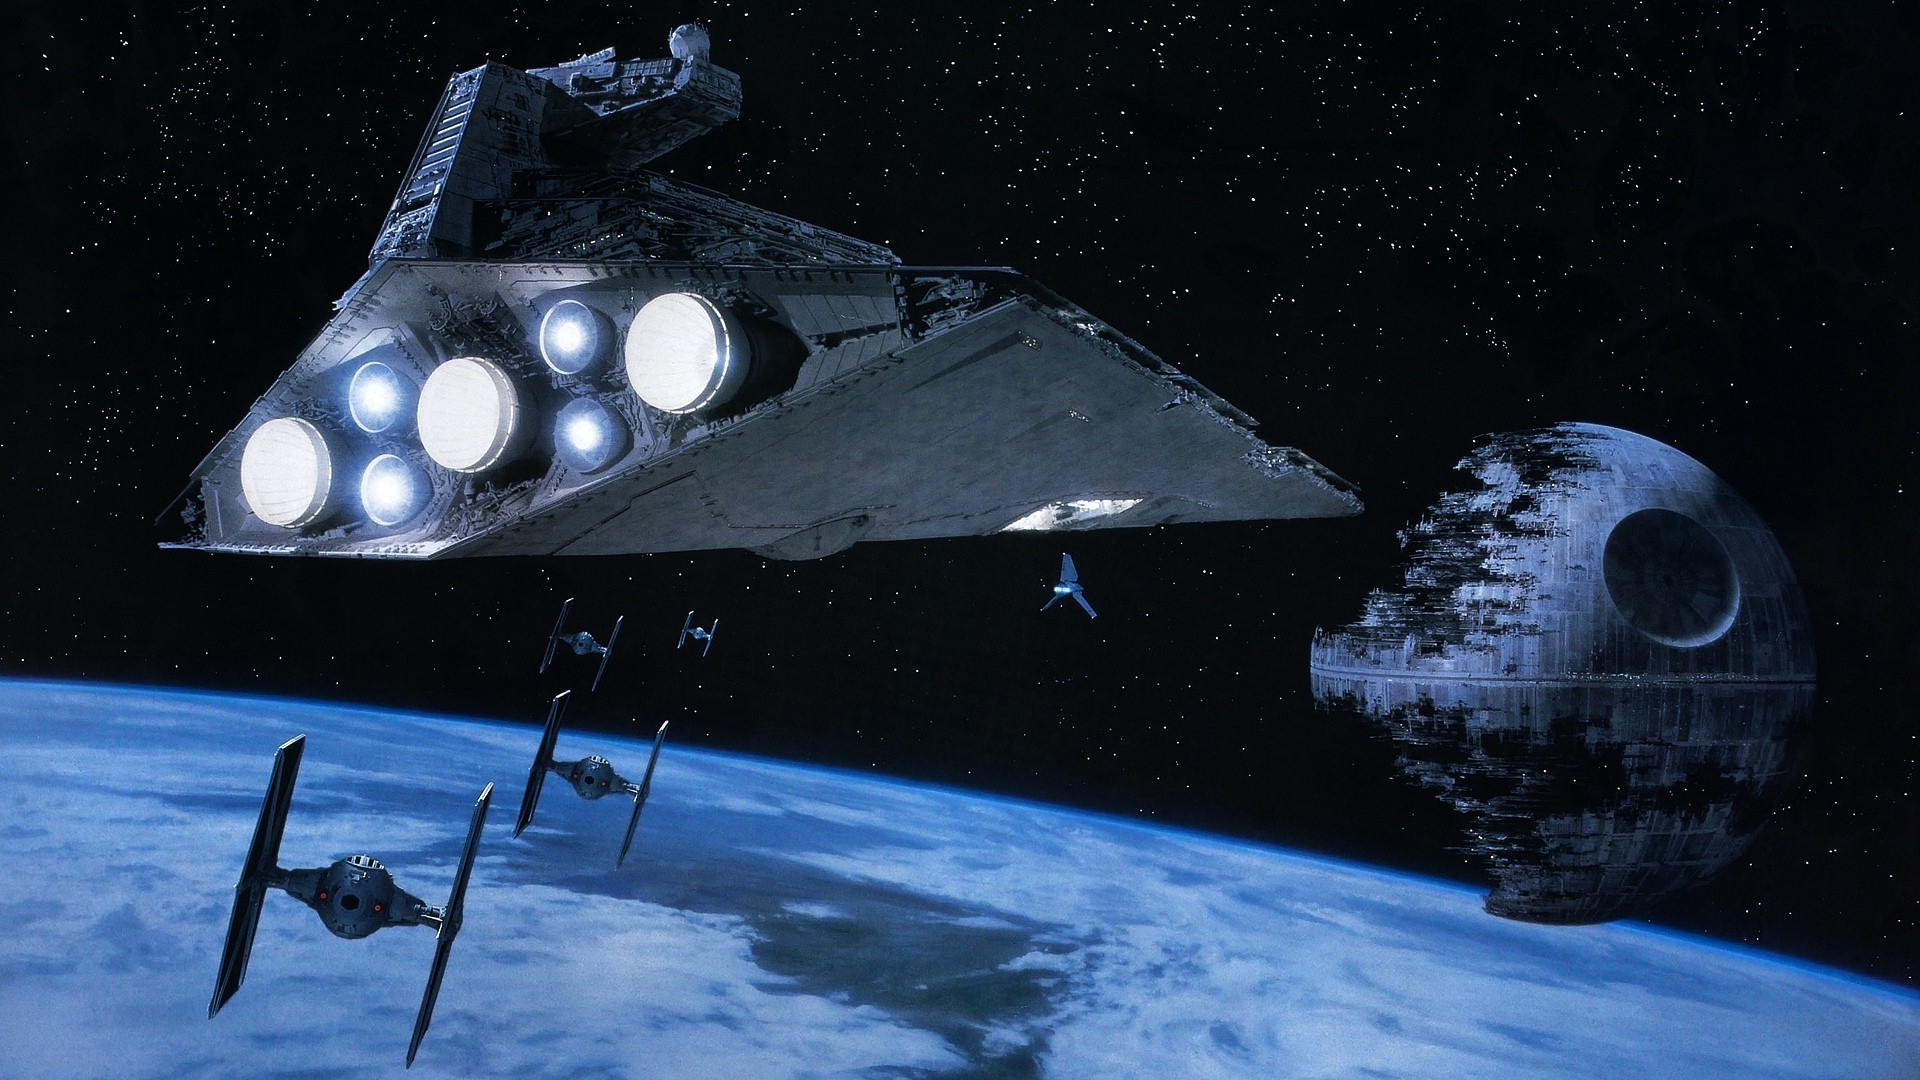 Star Wars Star Destroyer Tie Fighter Death Star Tie Fighter Star Destroyer 323938 Hd Wallpaper Backgrounds Download